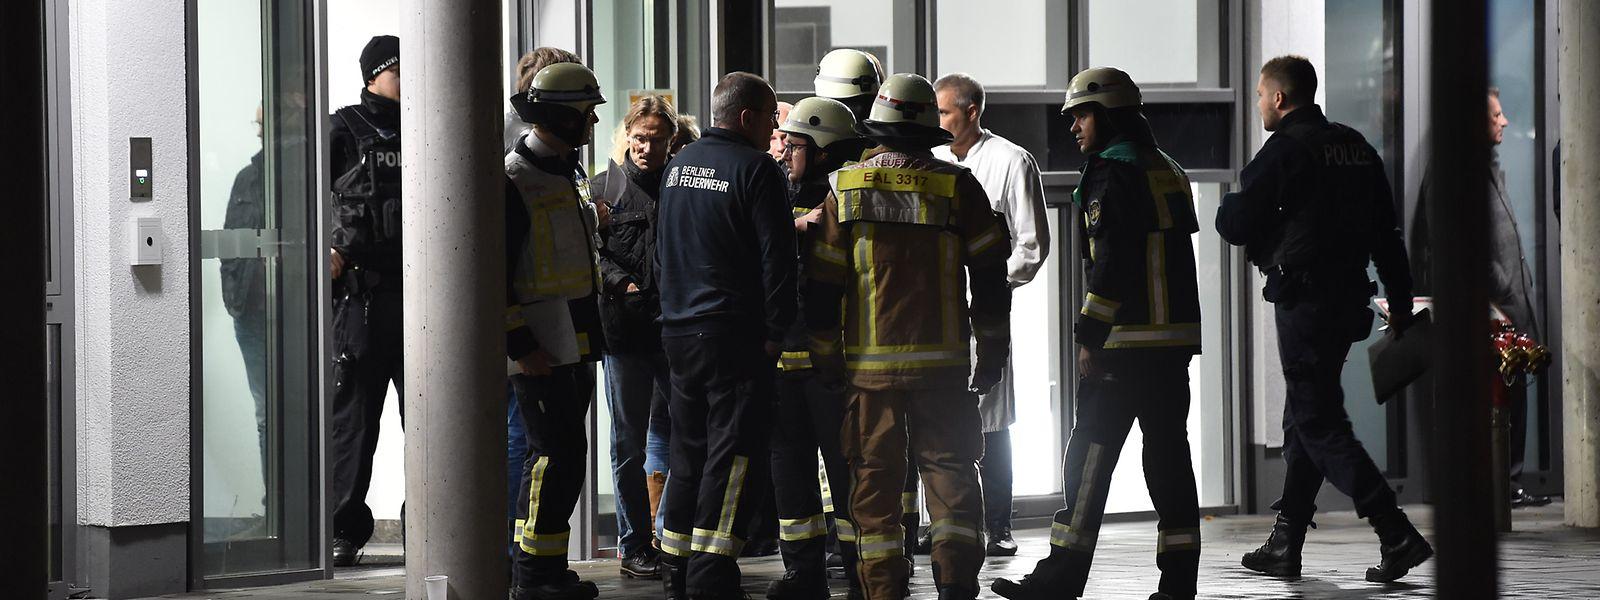 Feuerwehrleute, Polizisten und medizinisches Personal stehen nach einer Auseinandersetzung, in deren Folge ein Mensch durch Messerstiche getötet wurde, vor der privaten Schlosspark-Klinik.